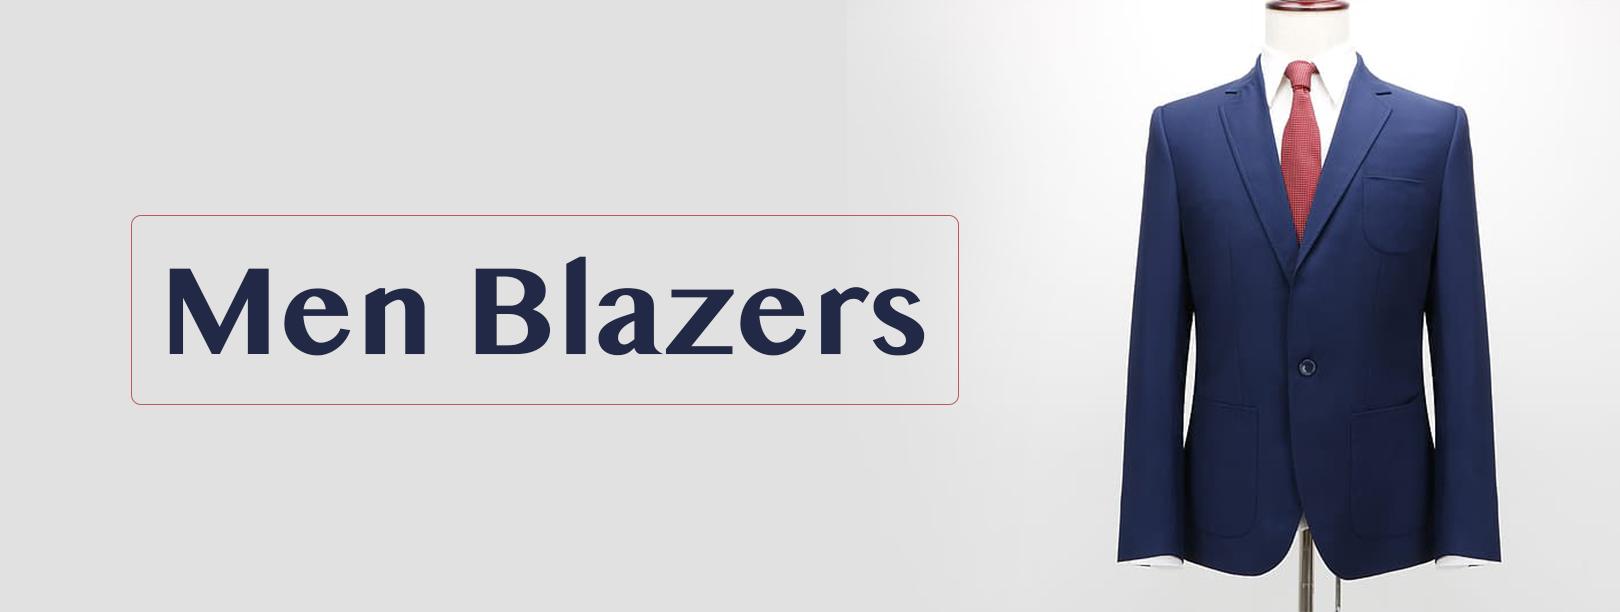 Flipkart Men Blazers